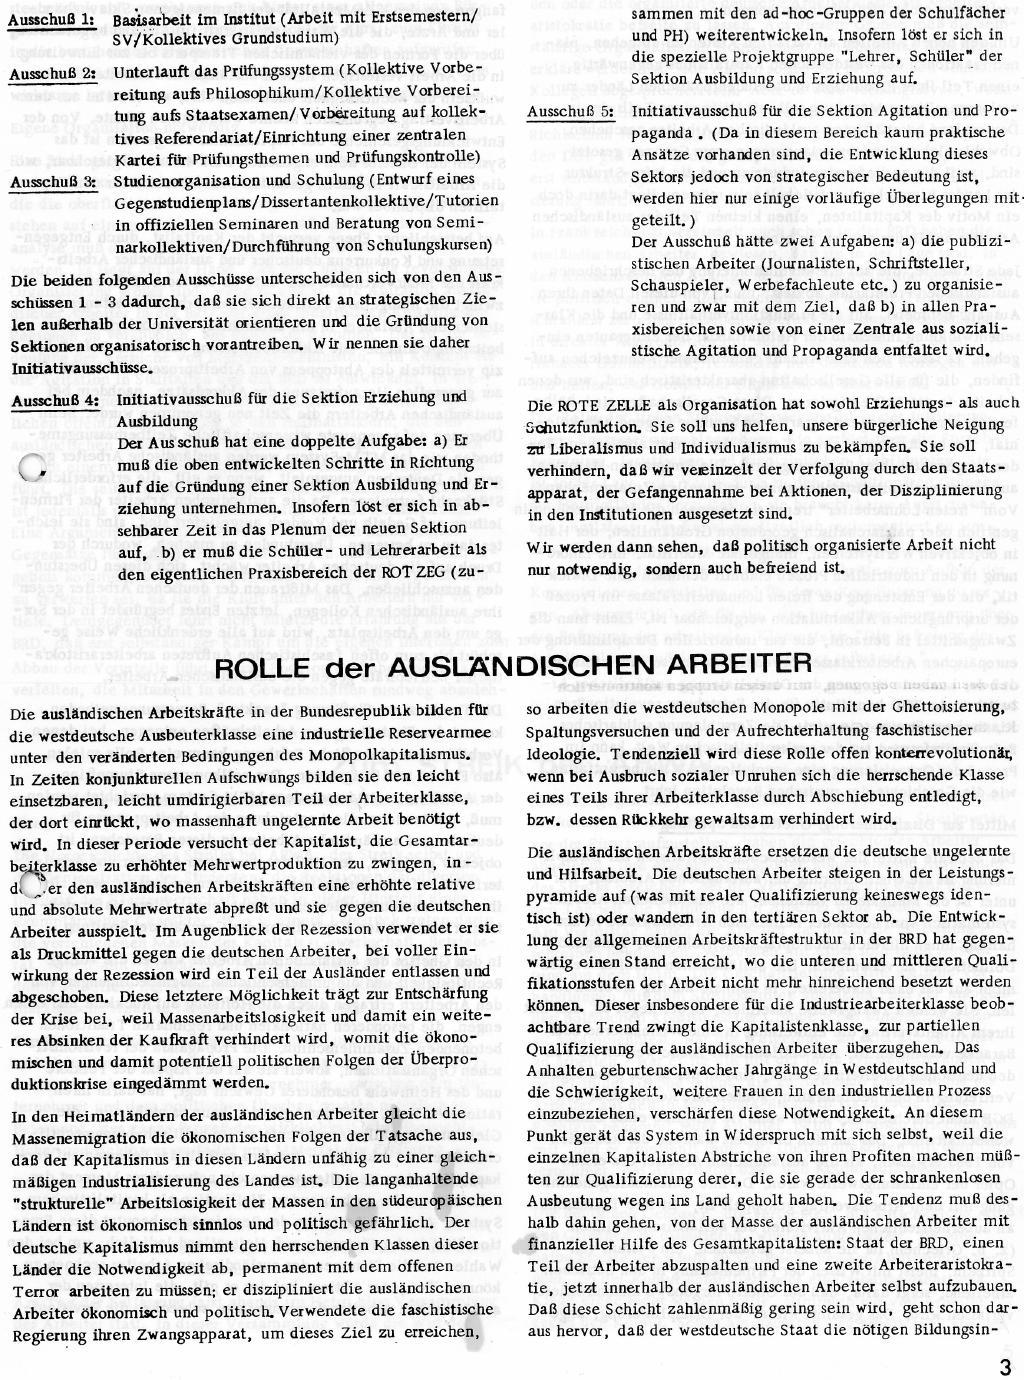 RPK_1969_020_03